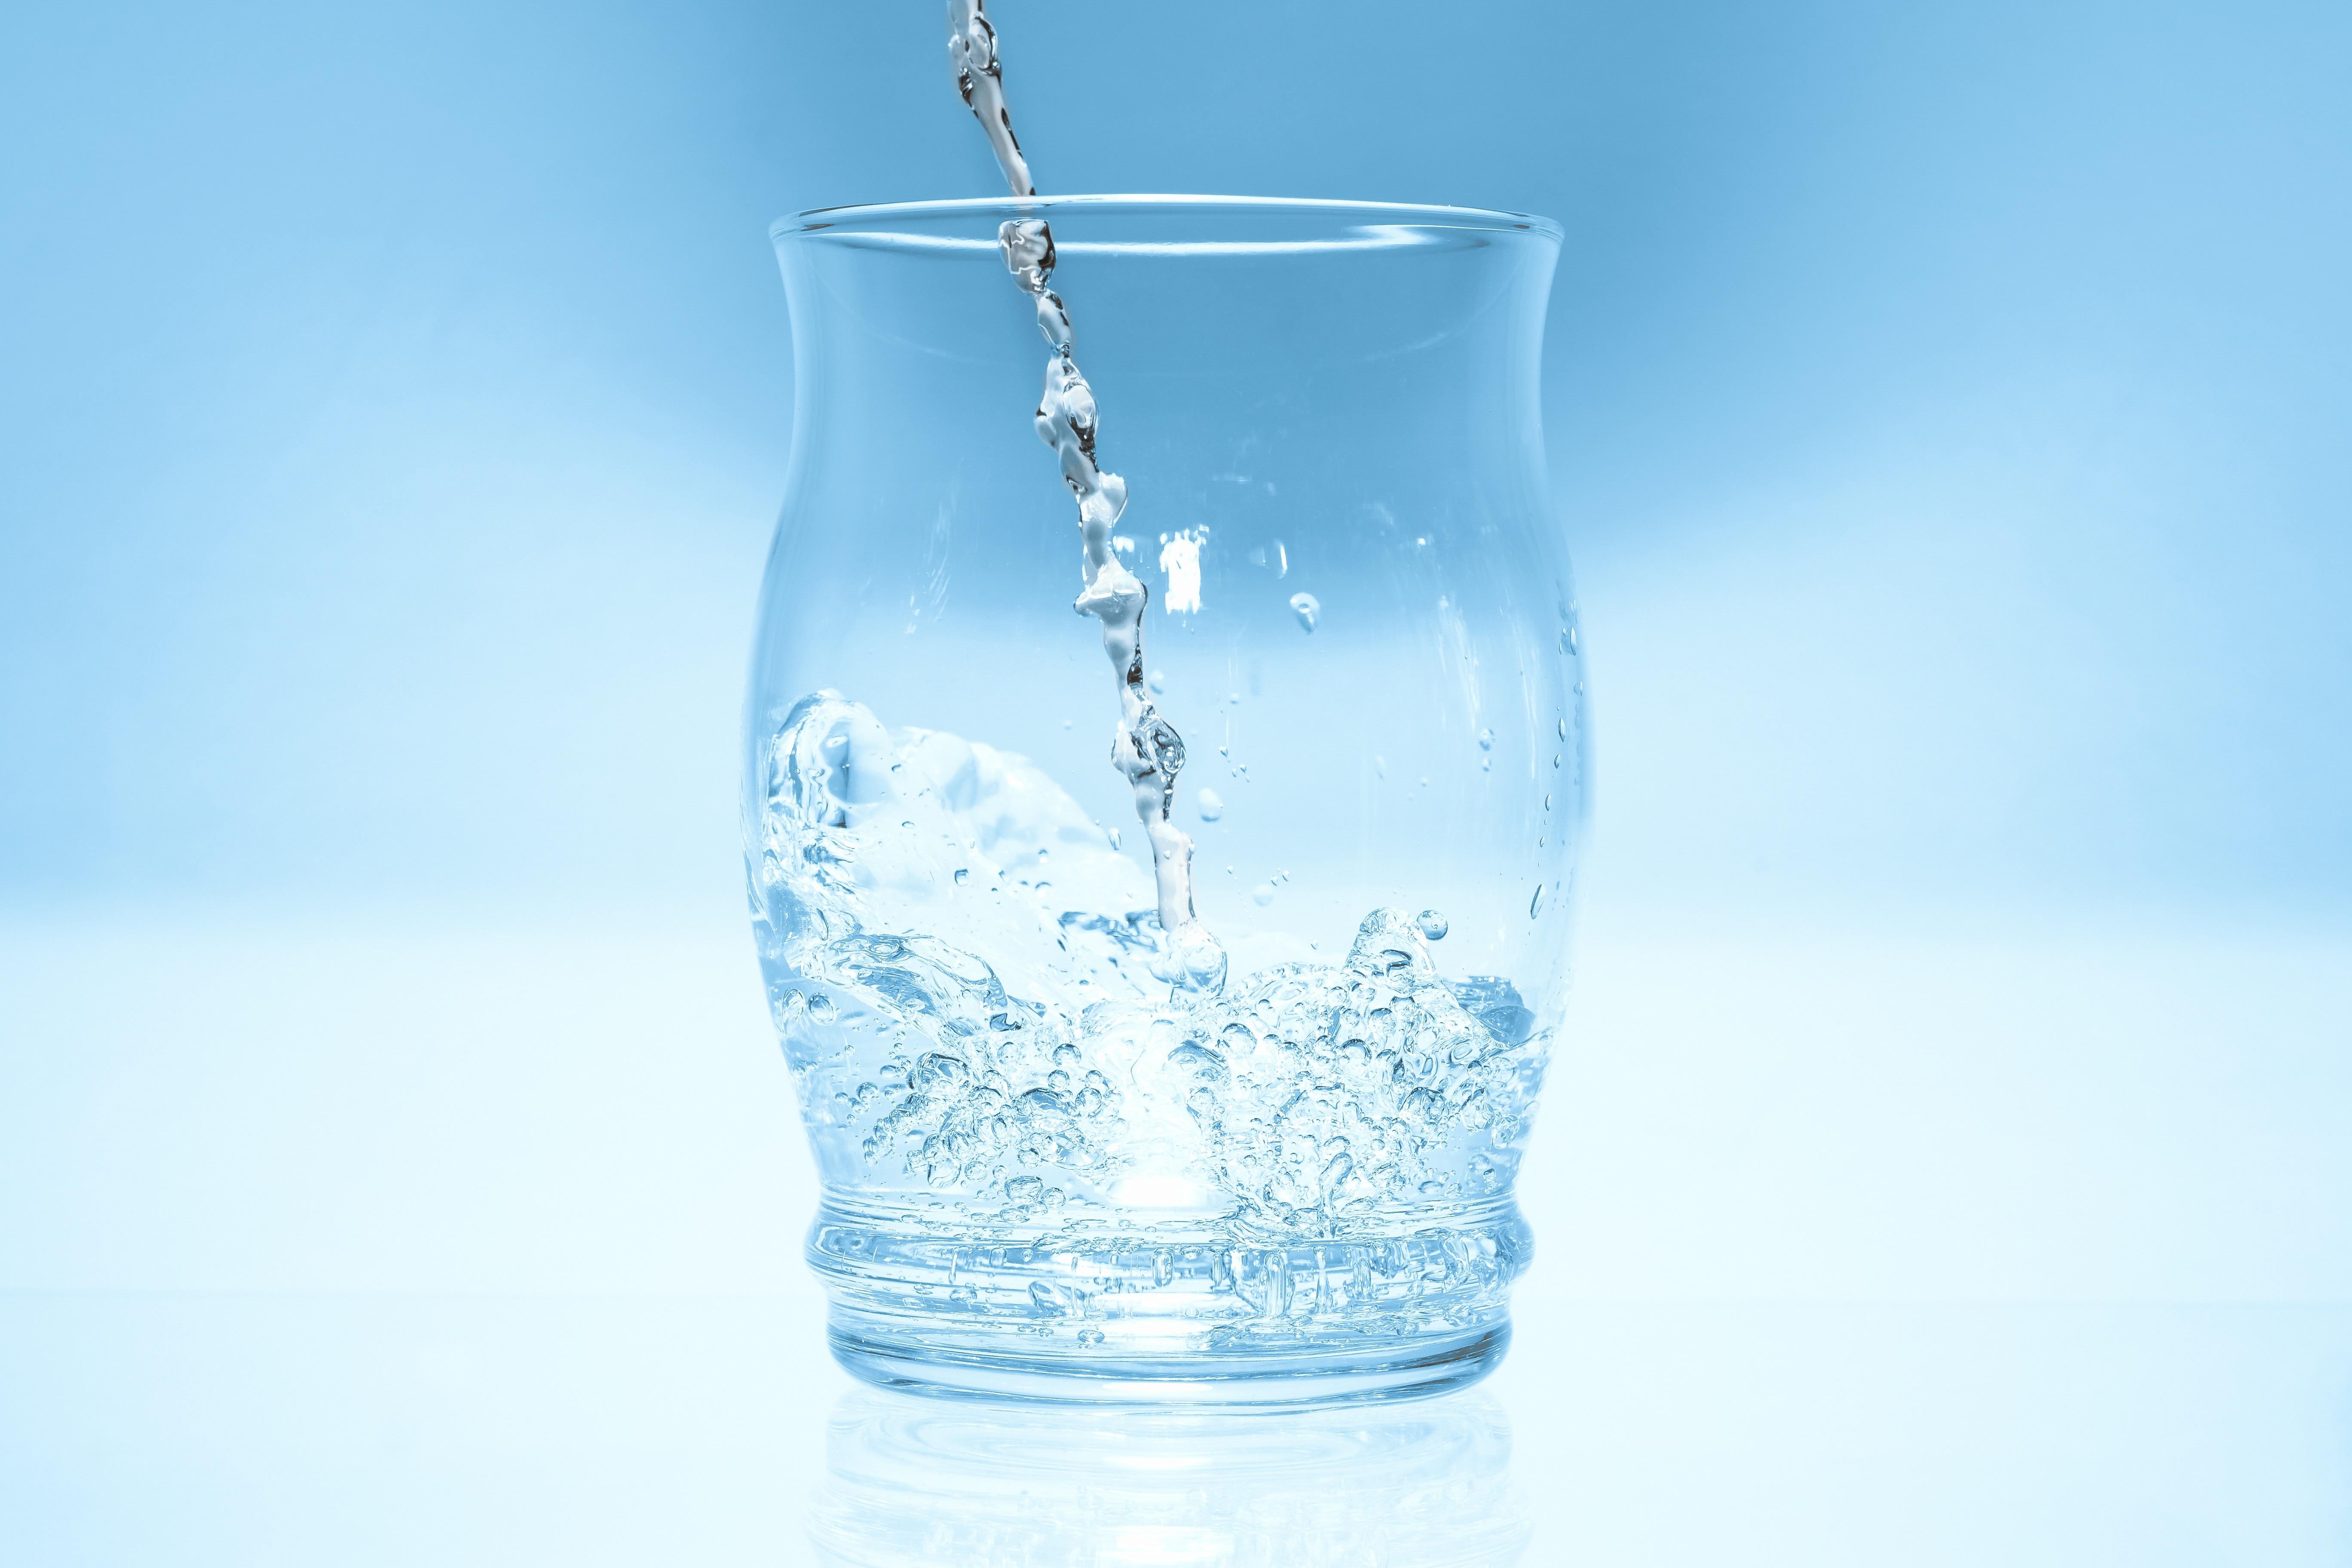 kostenlose foto wasser glas flasche blau glasflasche mineralwasser spiegelung. Black Bedroom Furniture Sets. Home Design Ideas